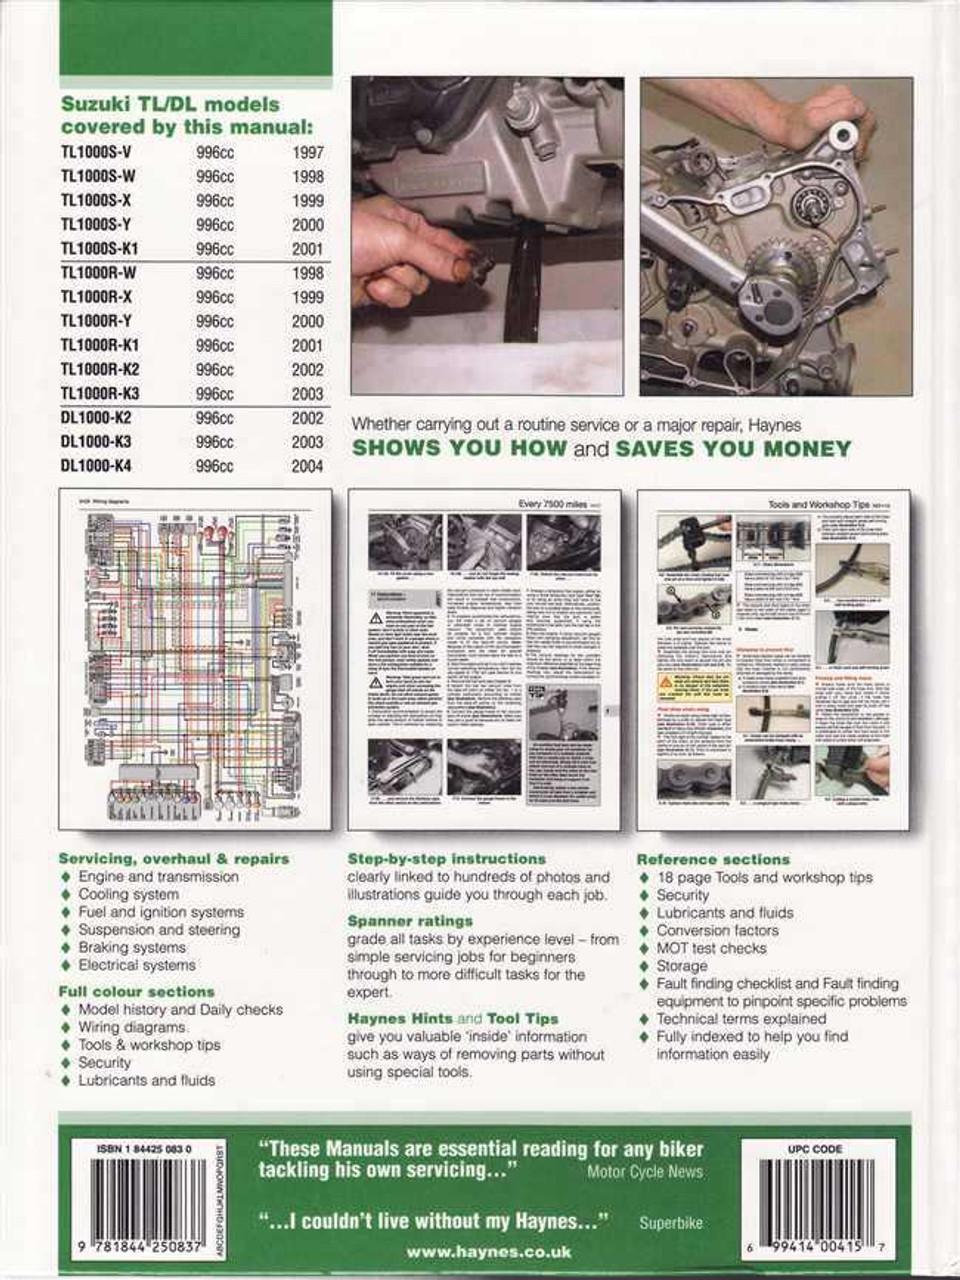 Workshop Manual Suzuki Tl1000s Tl1000r Dl1000 Vstrom 1997 2004: Wire Diagram Suzuki Tl1000r At Aslink.org